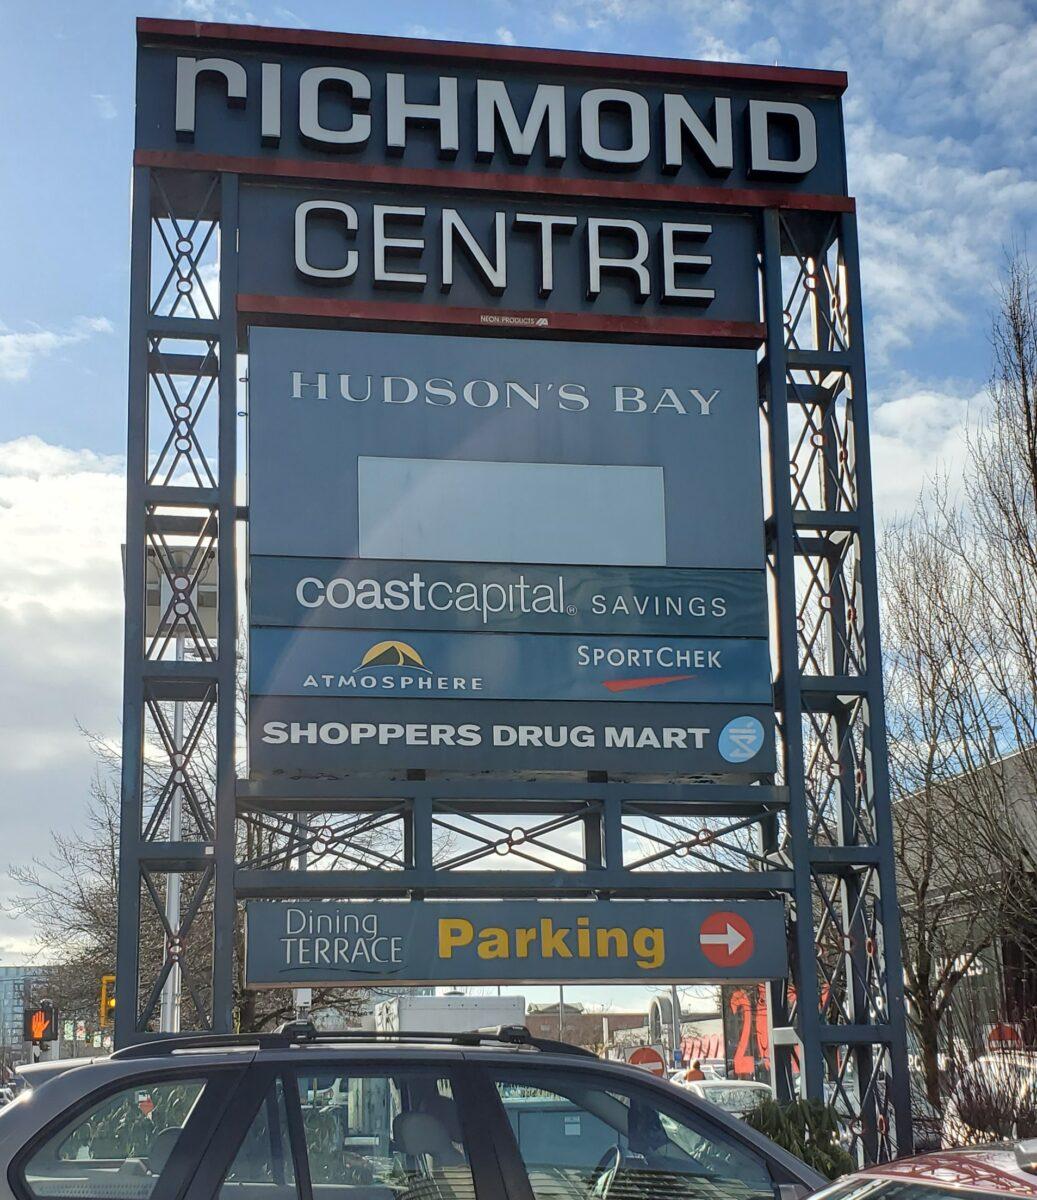 Main Entrance Sign at CF Richmond Centre.